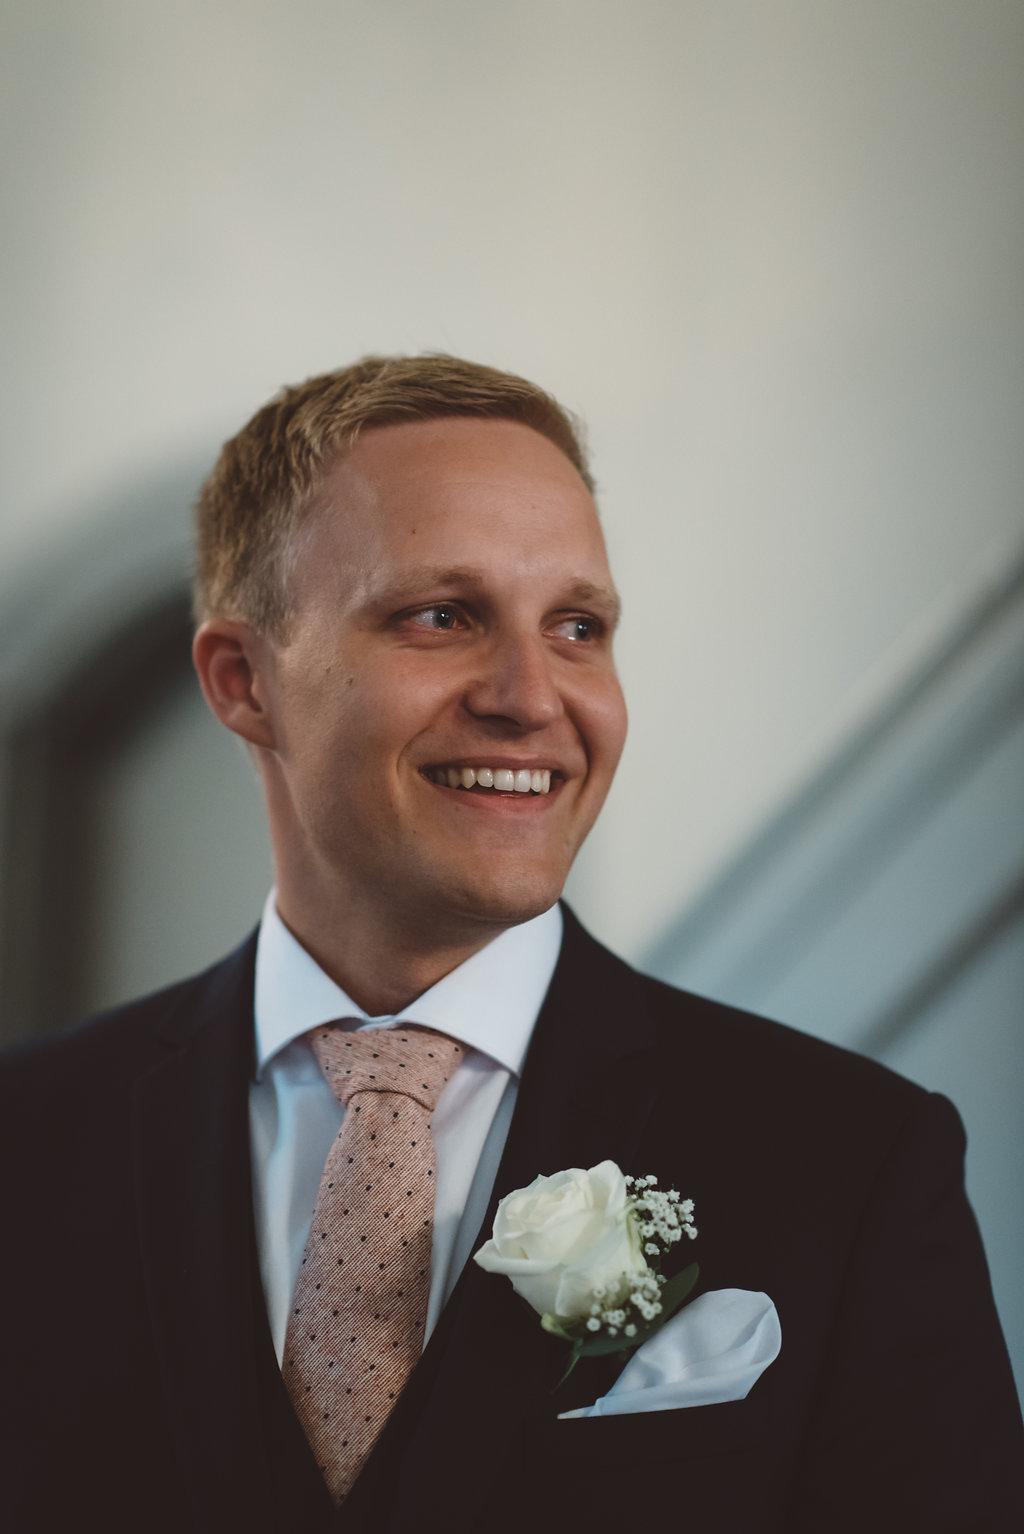 bryllupsfotograf-bryllup-kenneth-martine-7